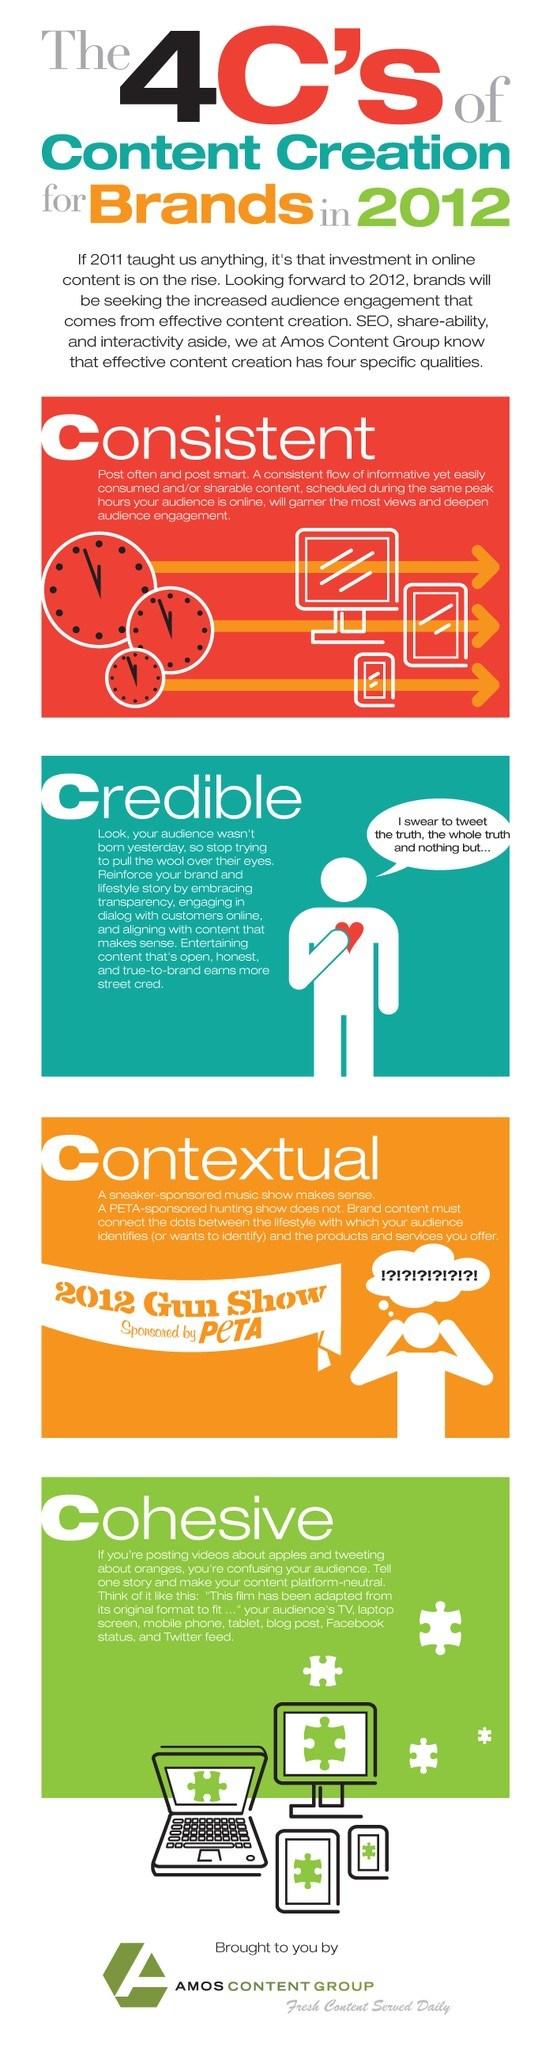 Infográfico: Os 4 C's da Criação de Conteúdo para Marcas